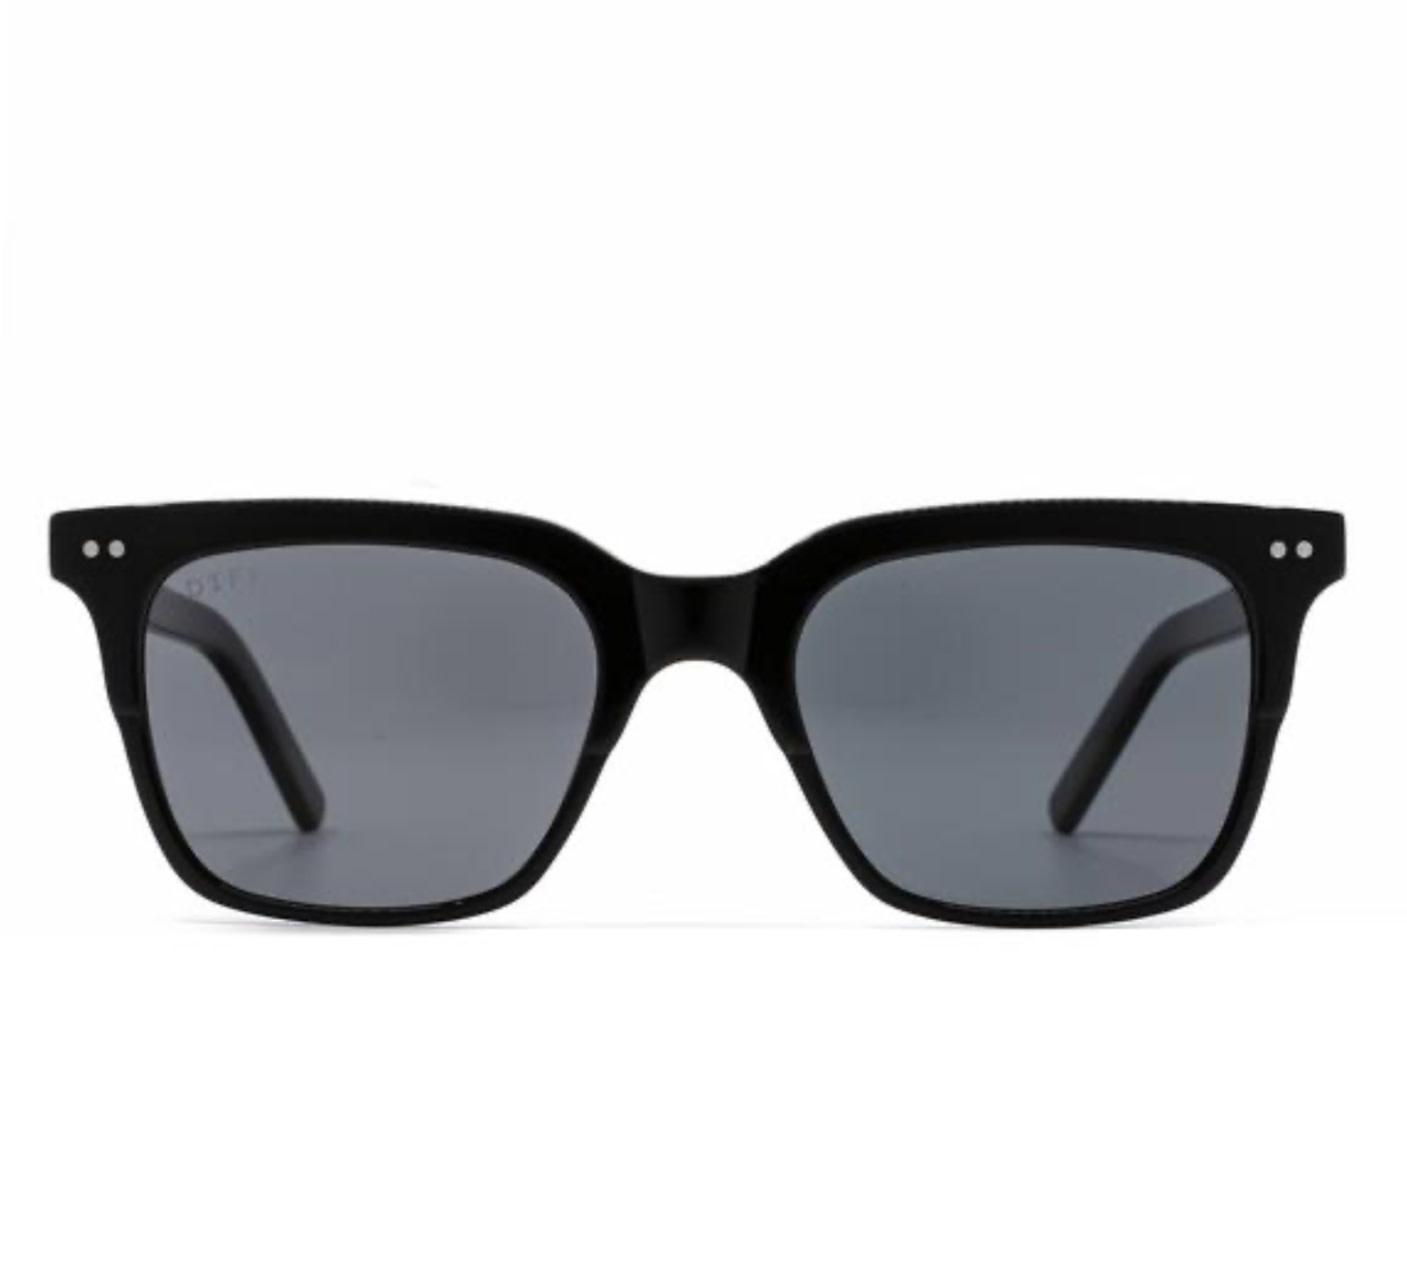 Glassy - Billie Polarized